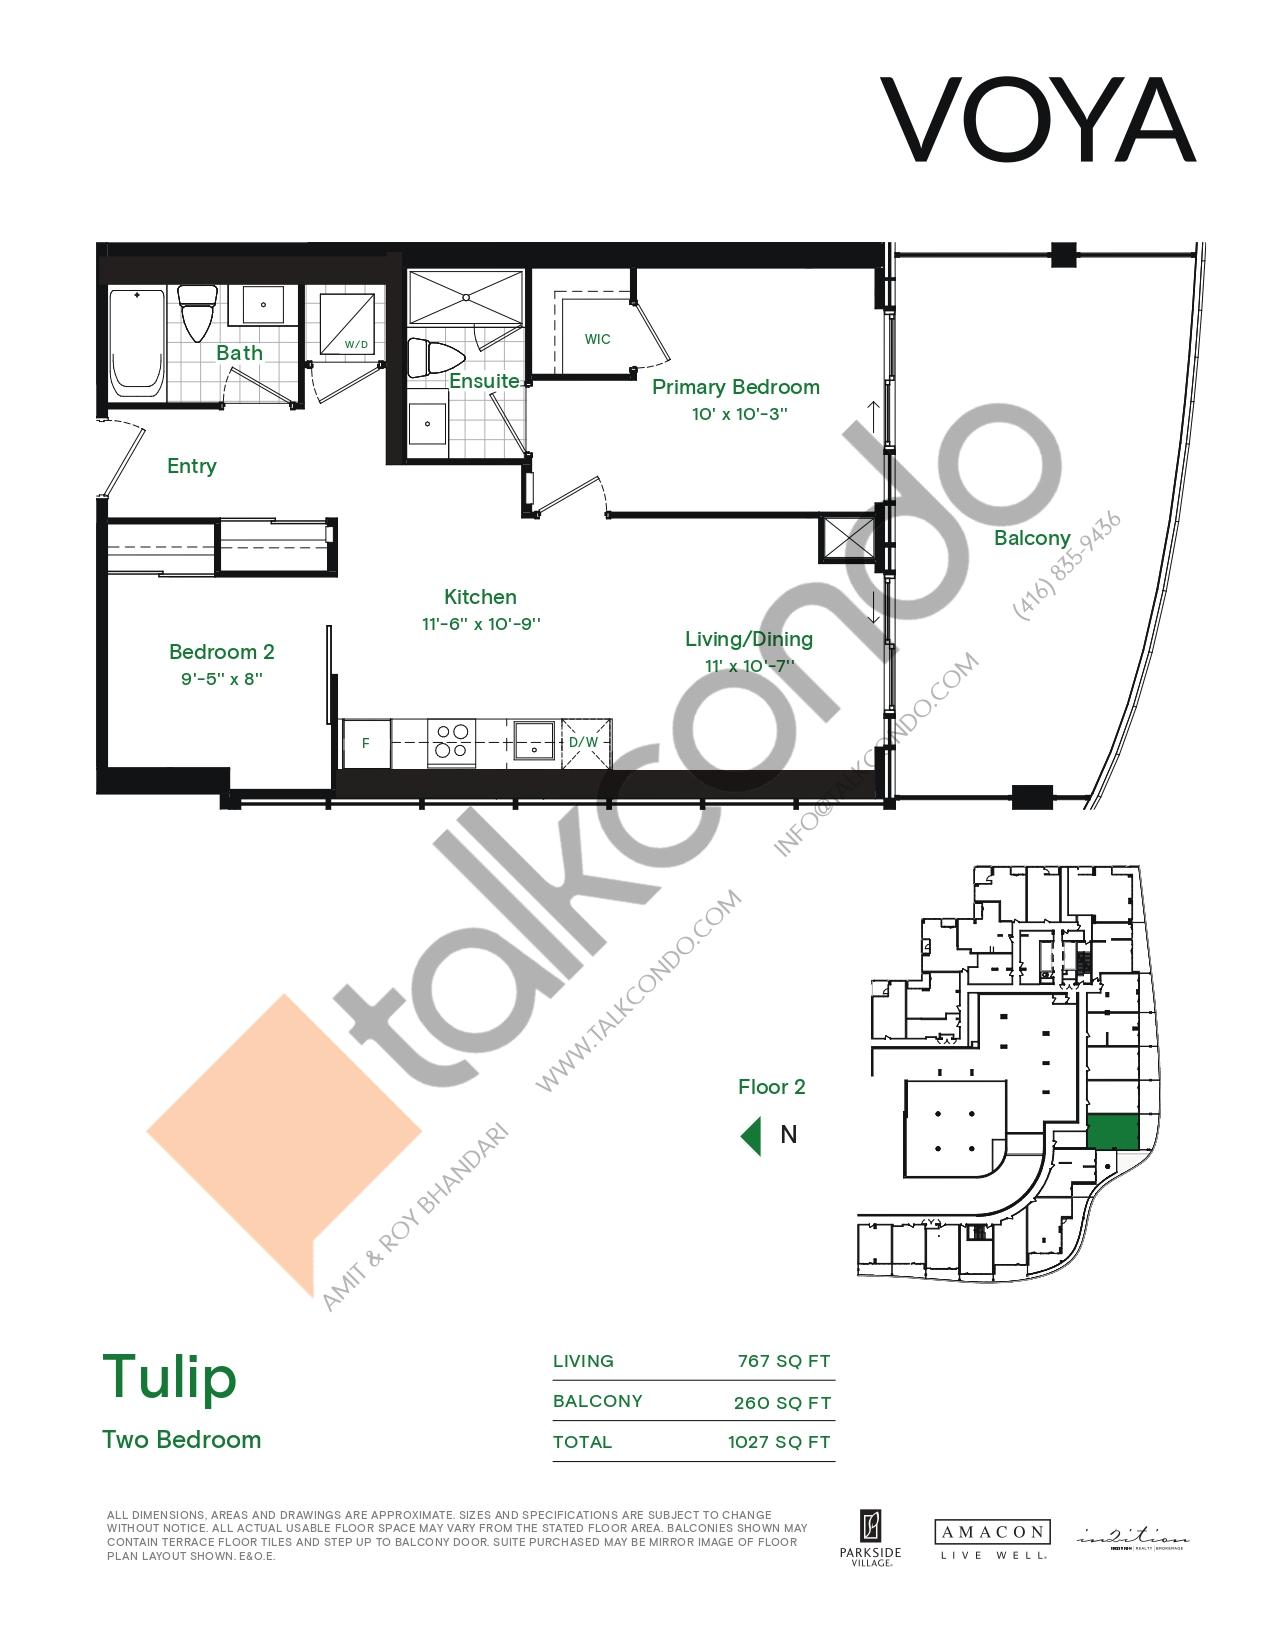 Tulip (Podium) Floor Plan at Voya at Parkside Village Condos - 767 sq.ft